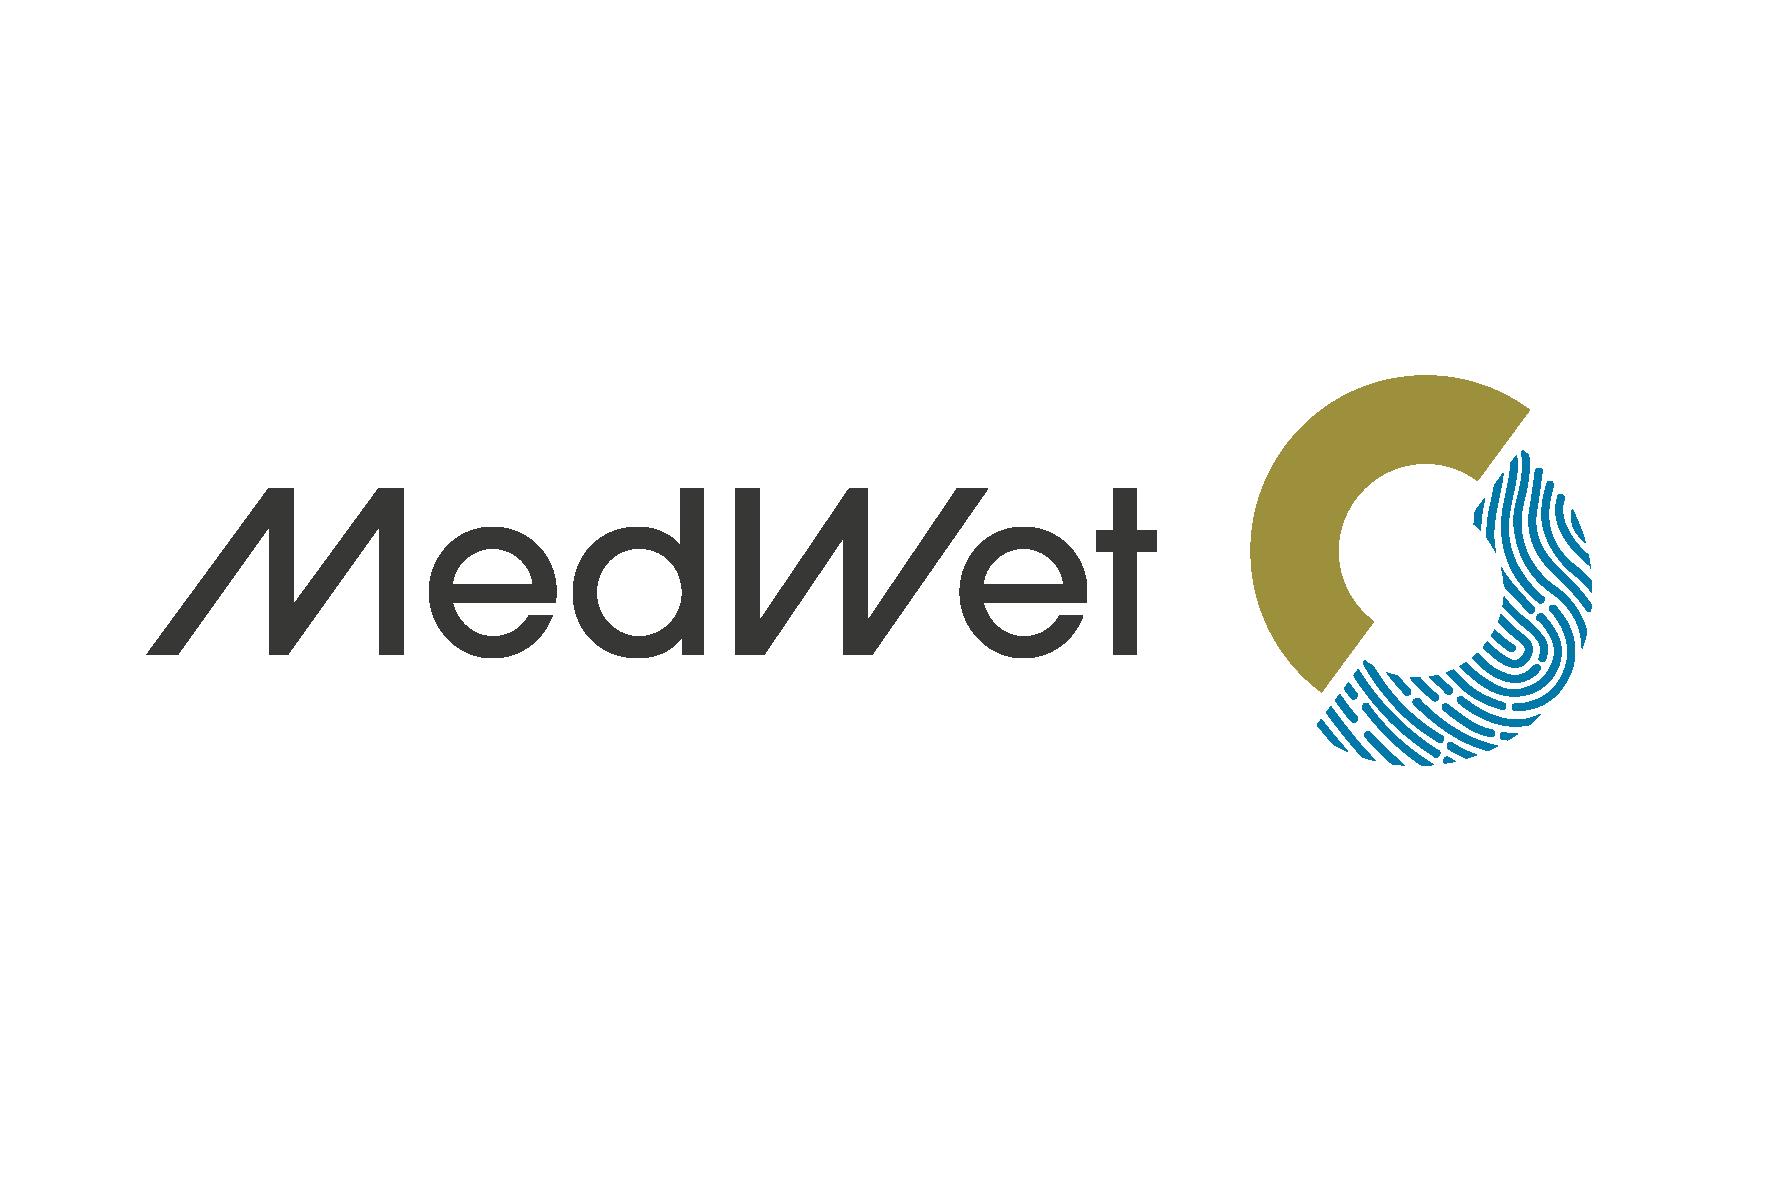 MedWet logotipo H original